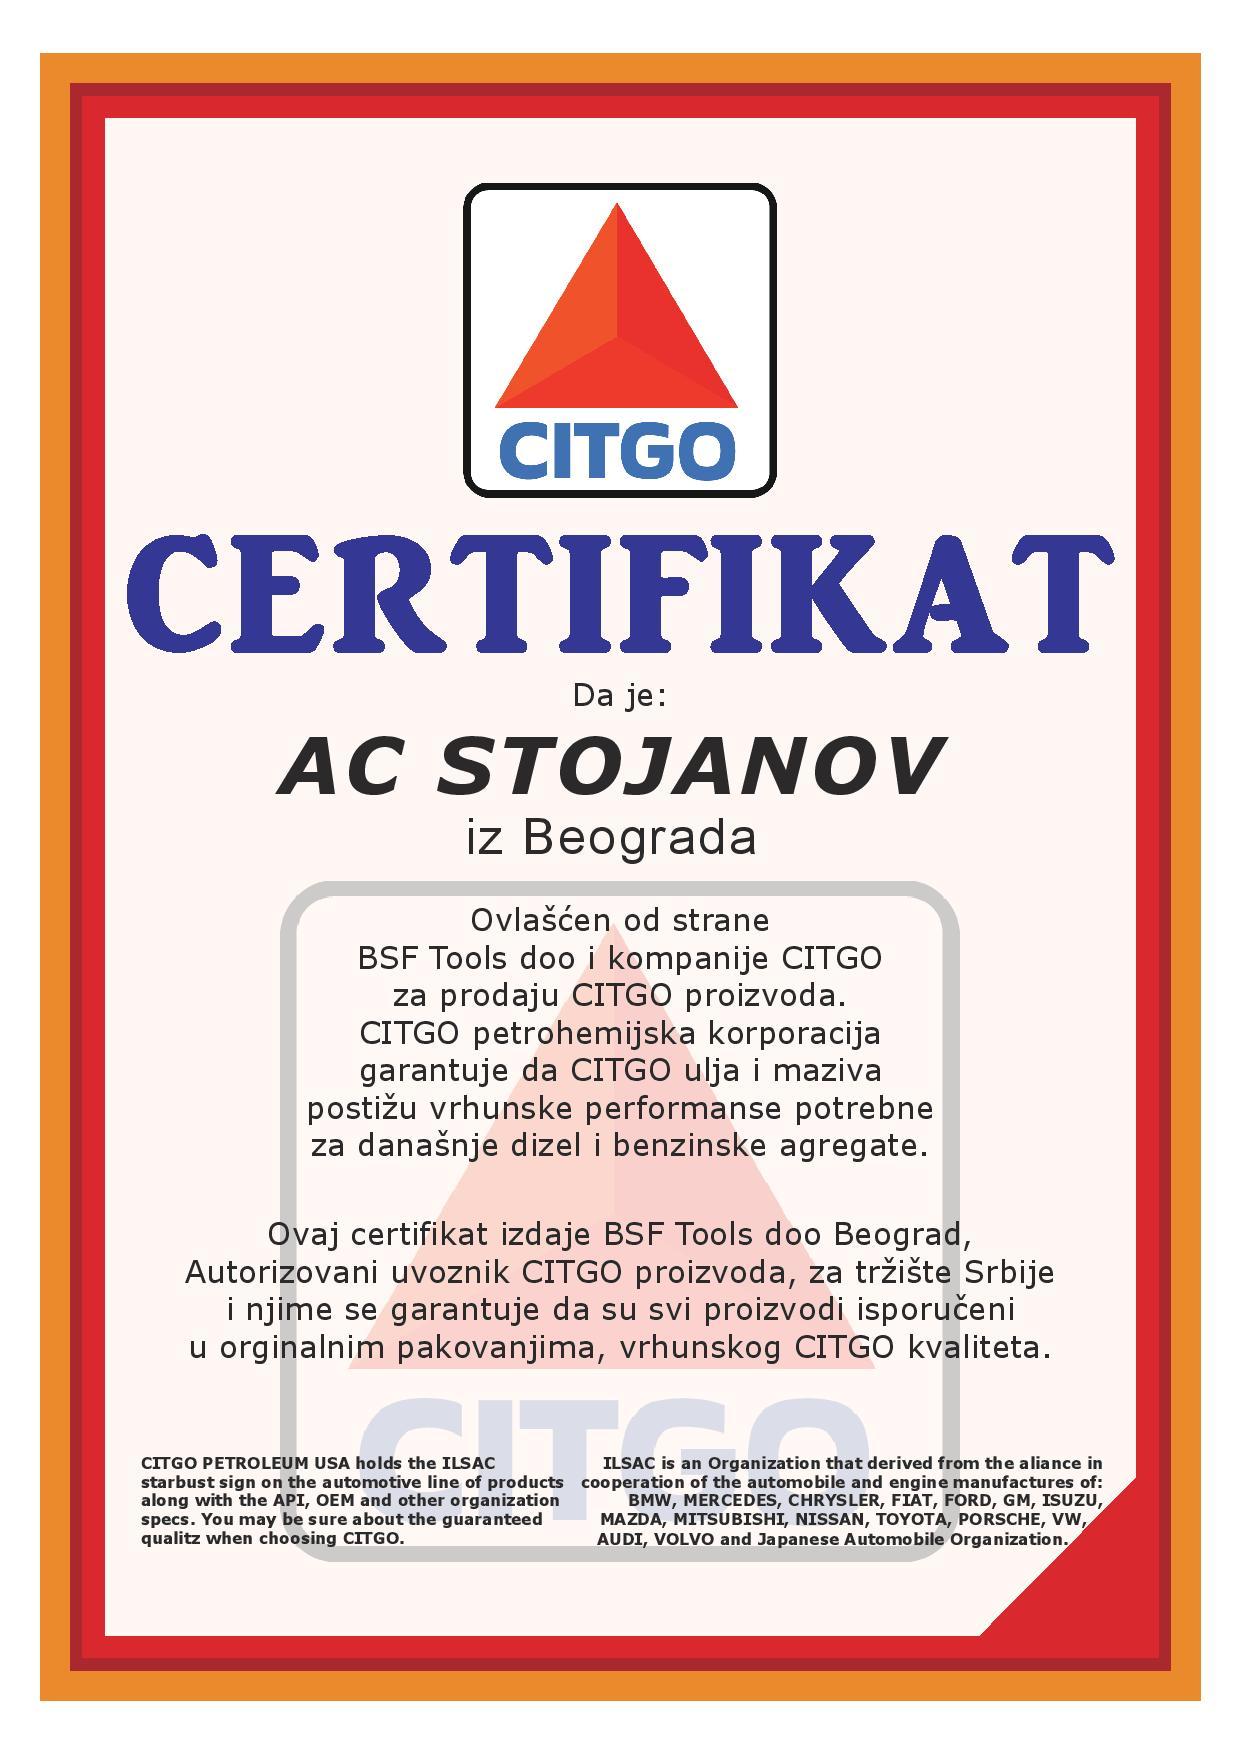 Citgo_sertifikat_ AC_Stojanov